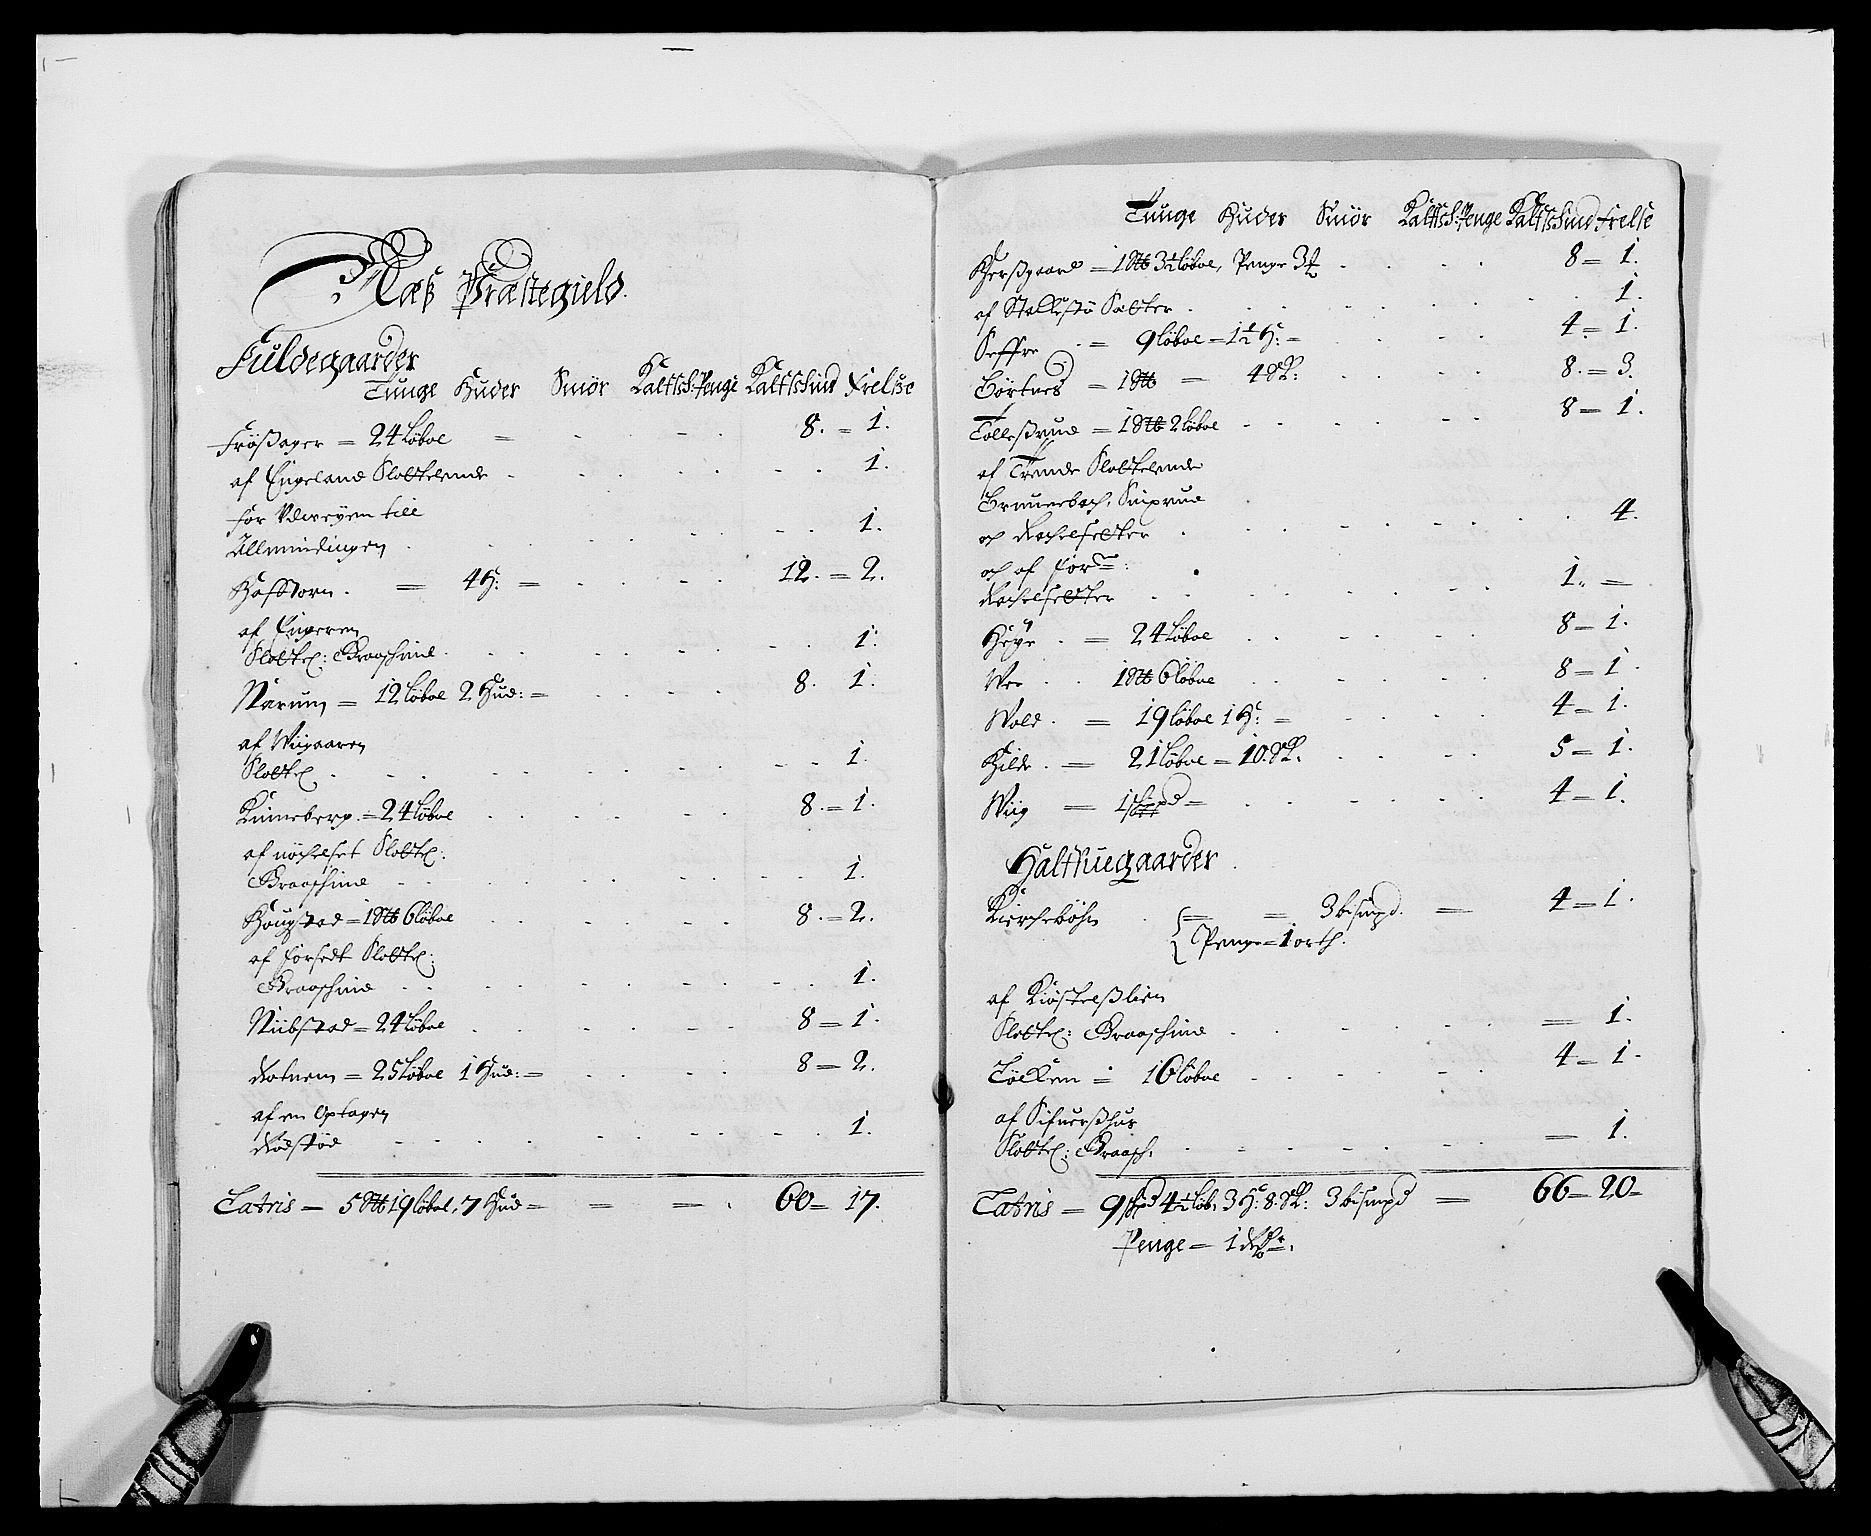 RA, Rentekammeret inntil 1814, Reviderte regnskaper, Fogderegnskap, R21/L1446: Fogderegnskap Ringerike og Hallingdal, 1683-1686, s. 190